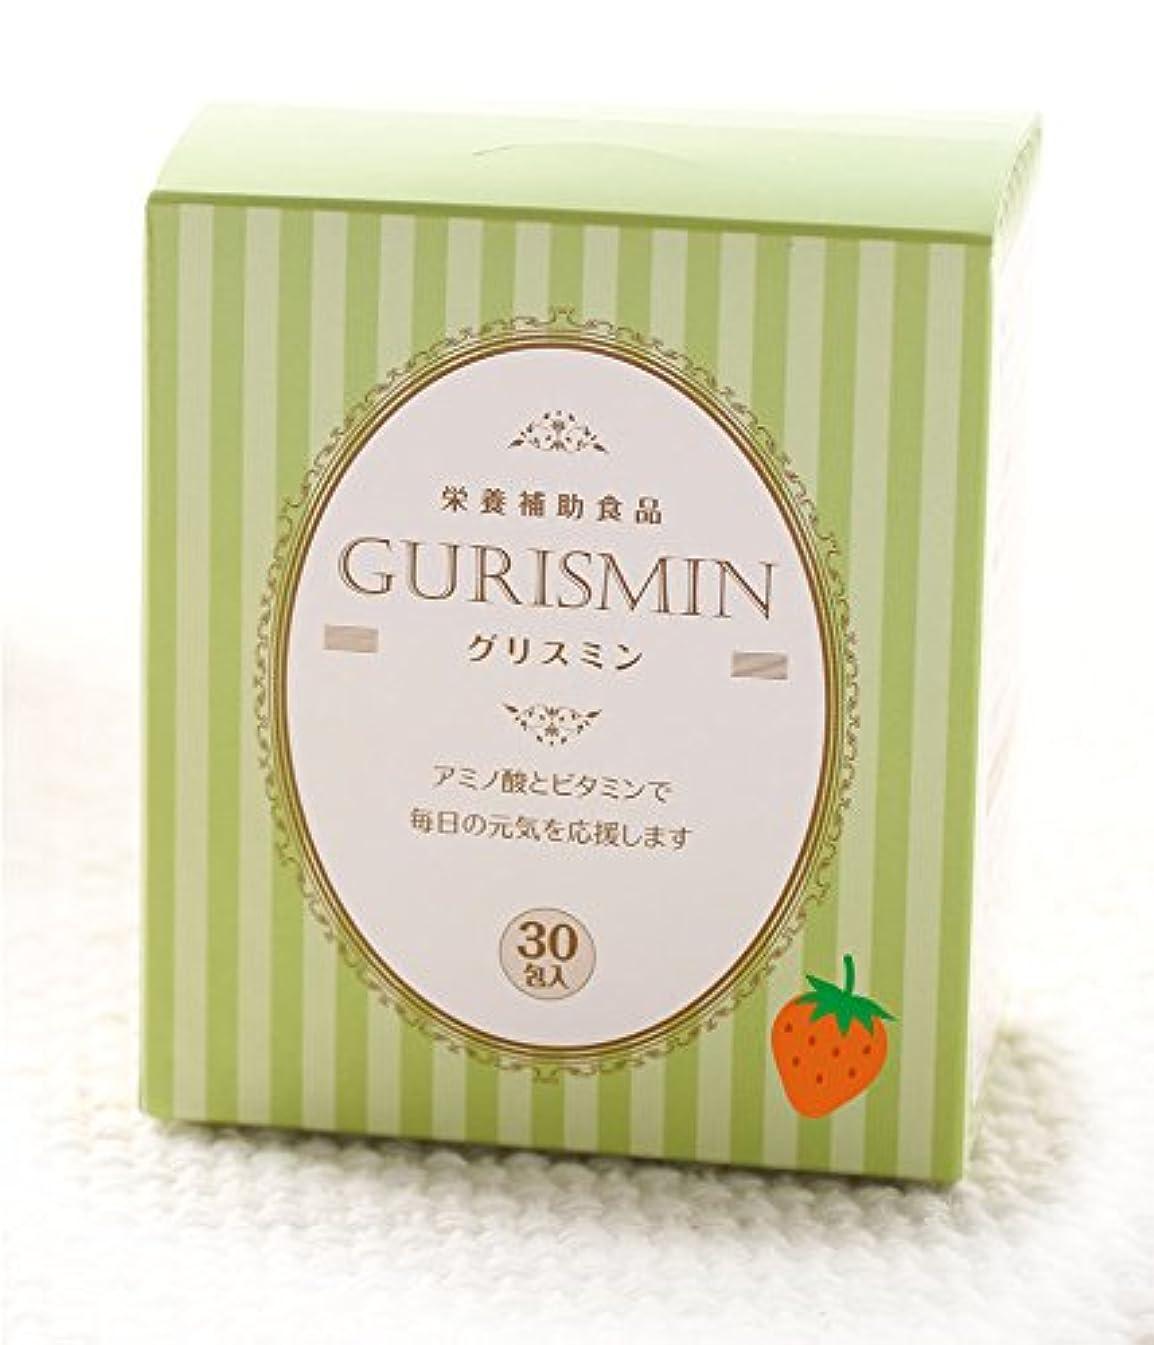 百年封建受動的太陽堂製薬 グリスミン グリシン3000mg×30回分(いちごヨーグルト)栄養機能食品